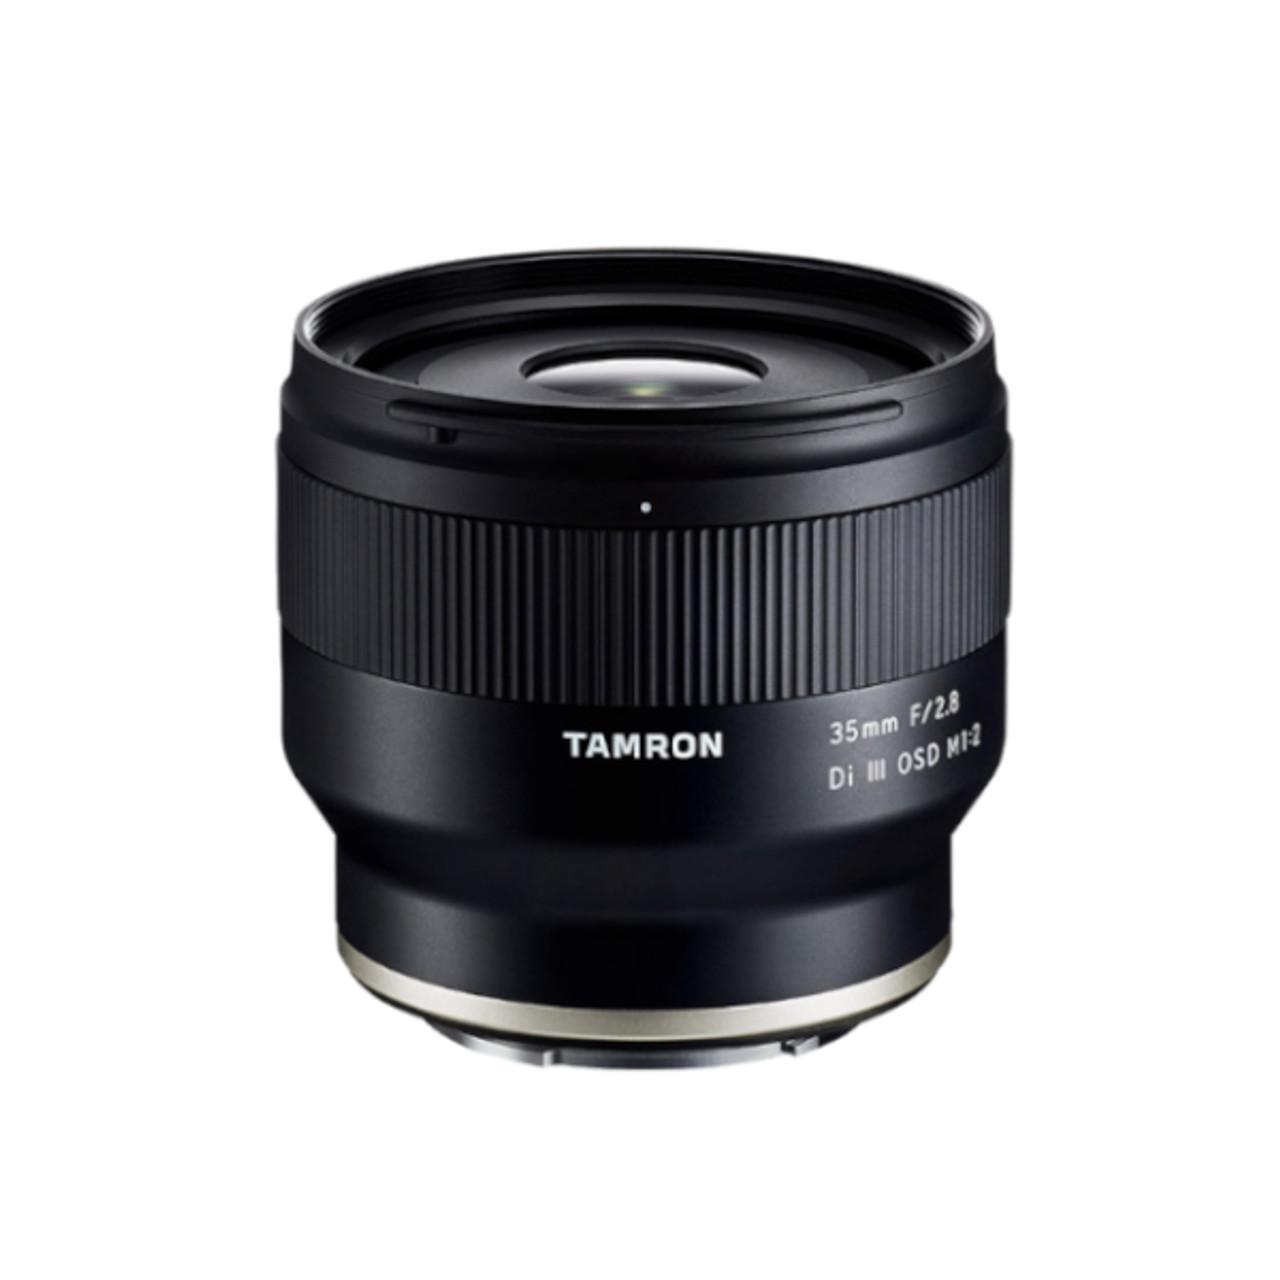 Tamron 35mm F/2.8 Di III OSD Macro 1:2 (E-Mount)